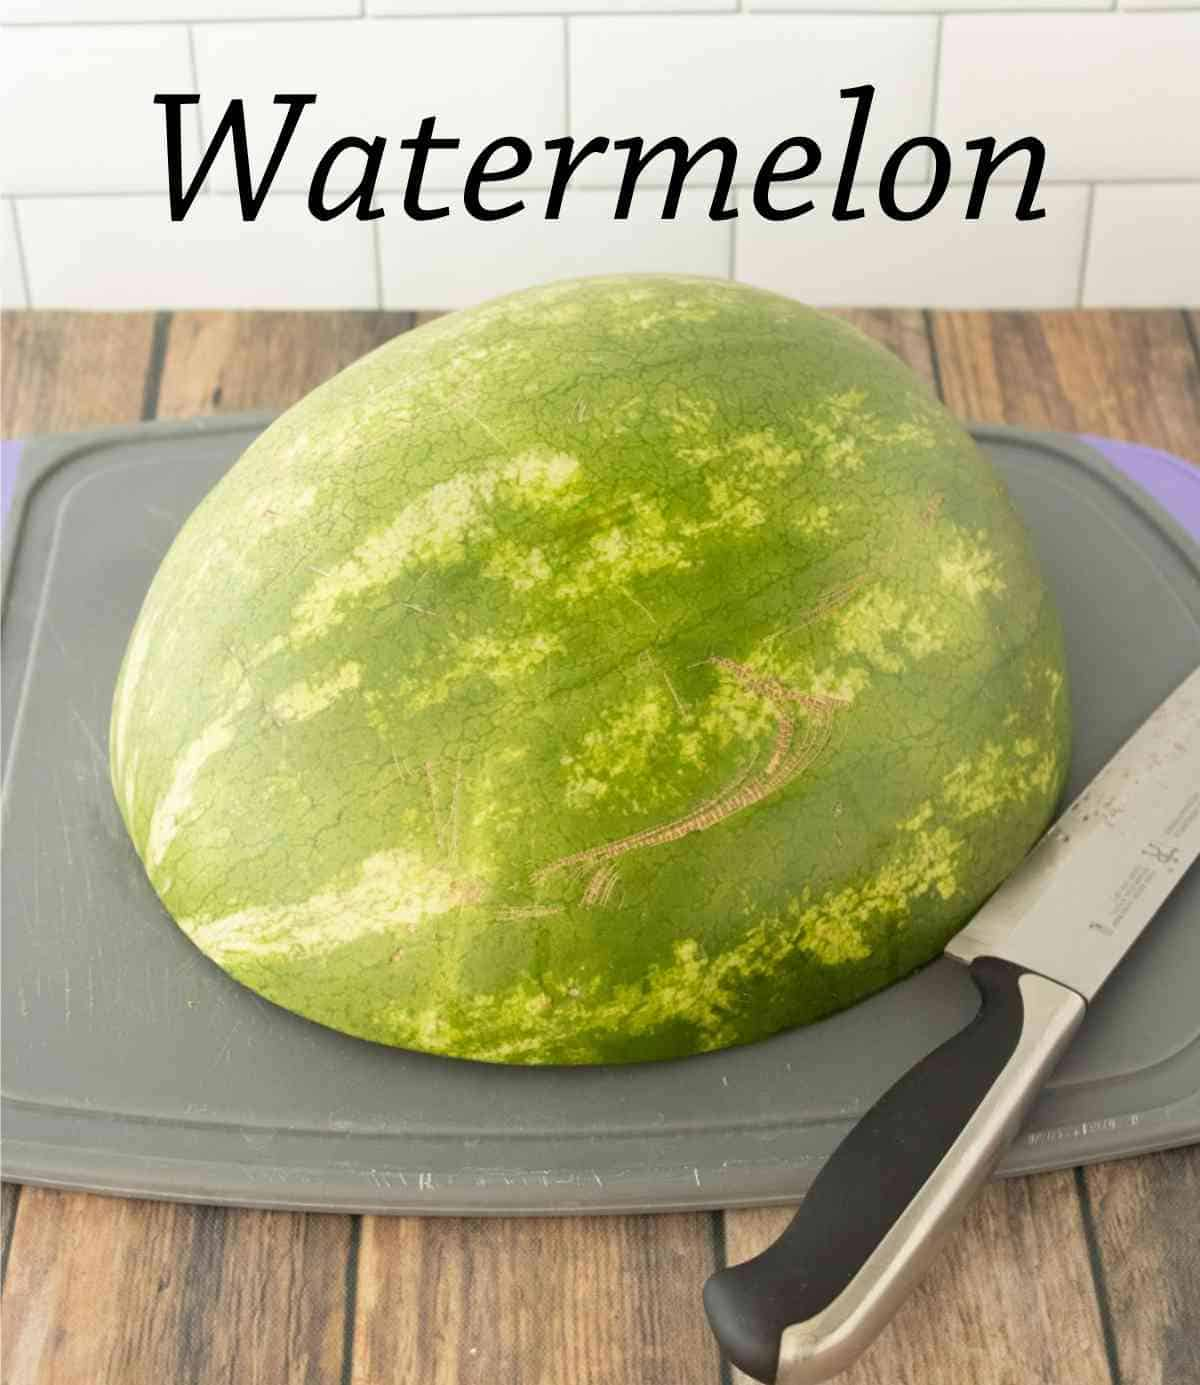 Melon cut side down on a cutting board.